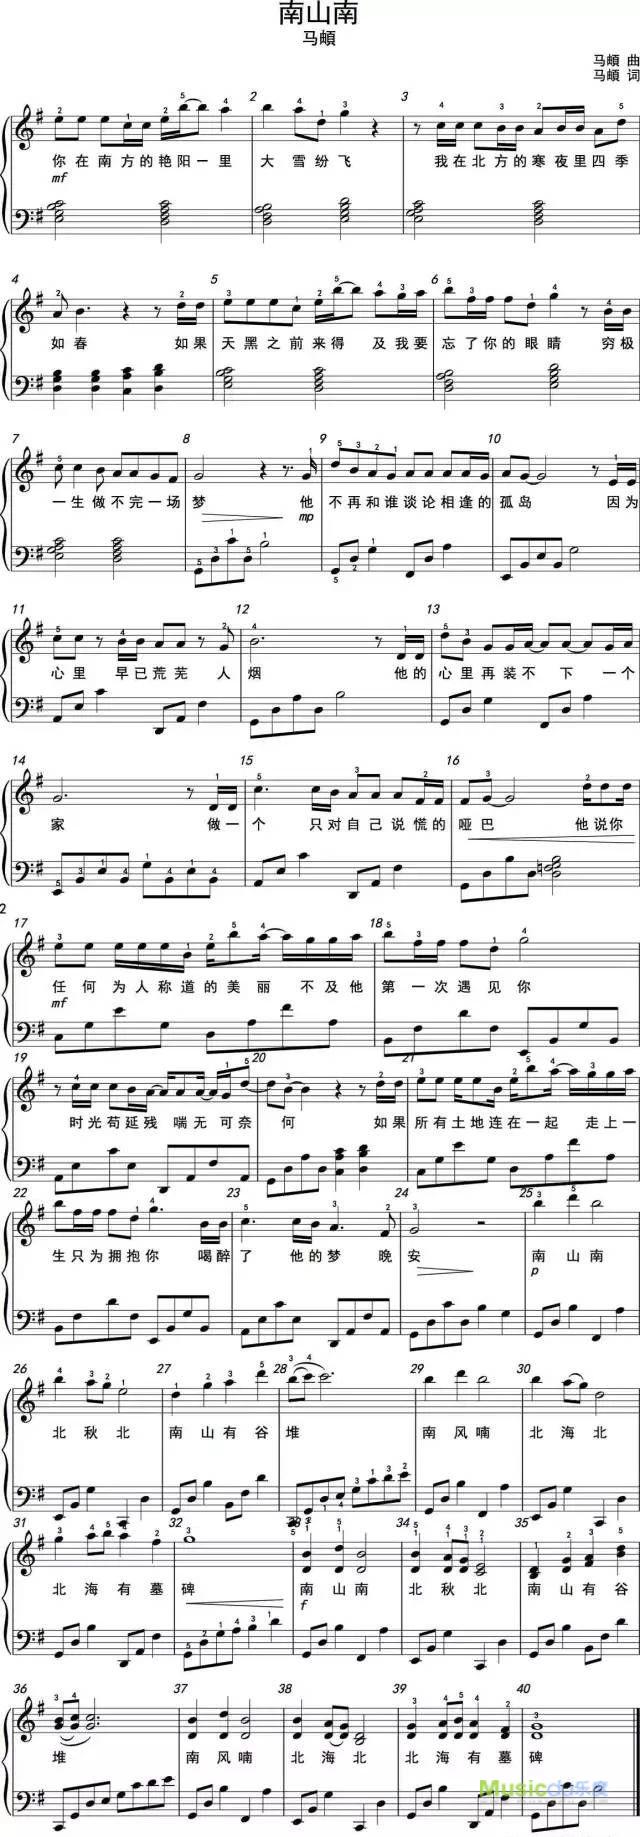 钢琴古筝合奏《南山南》